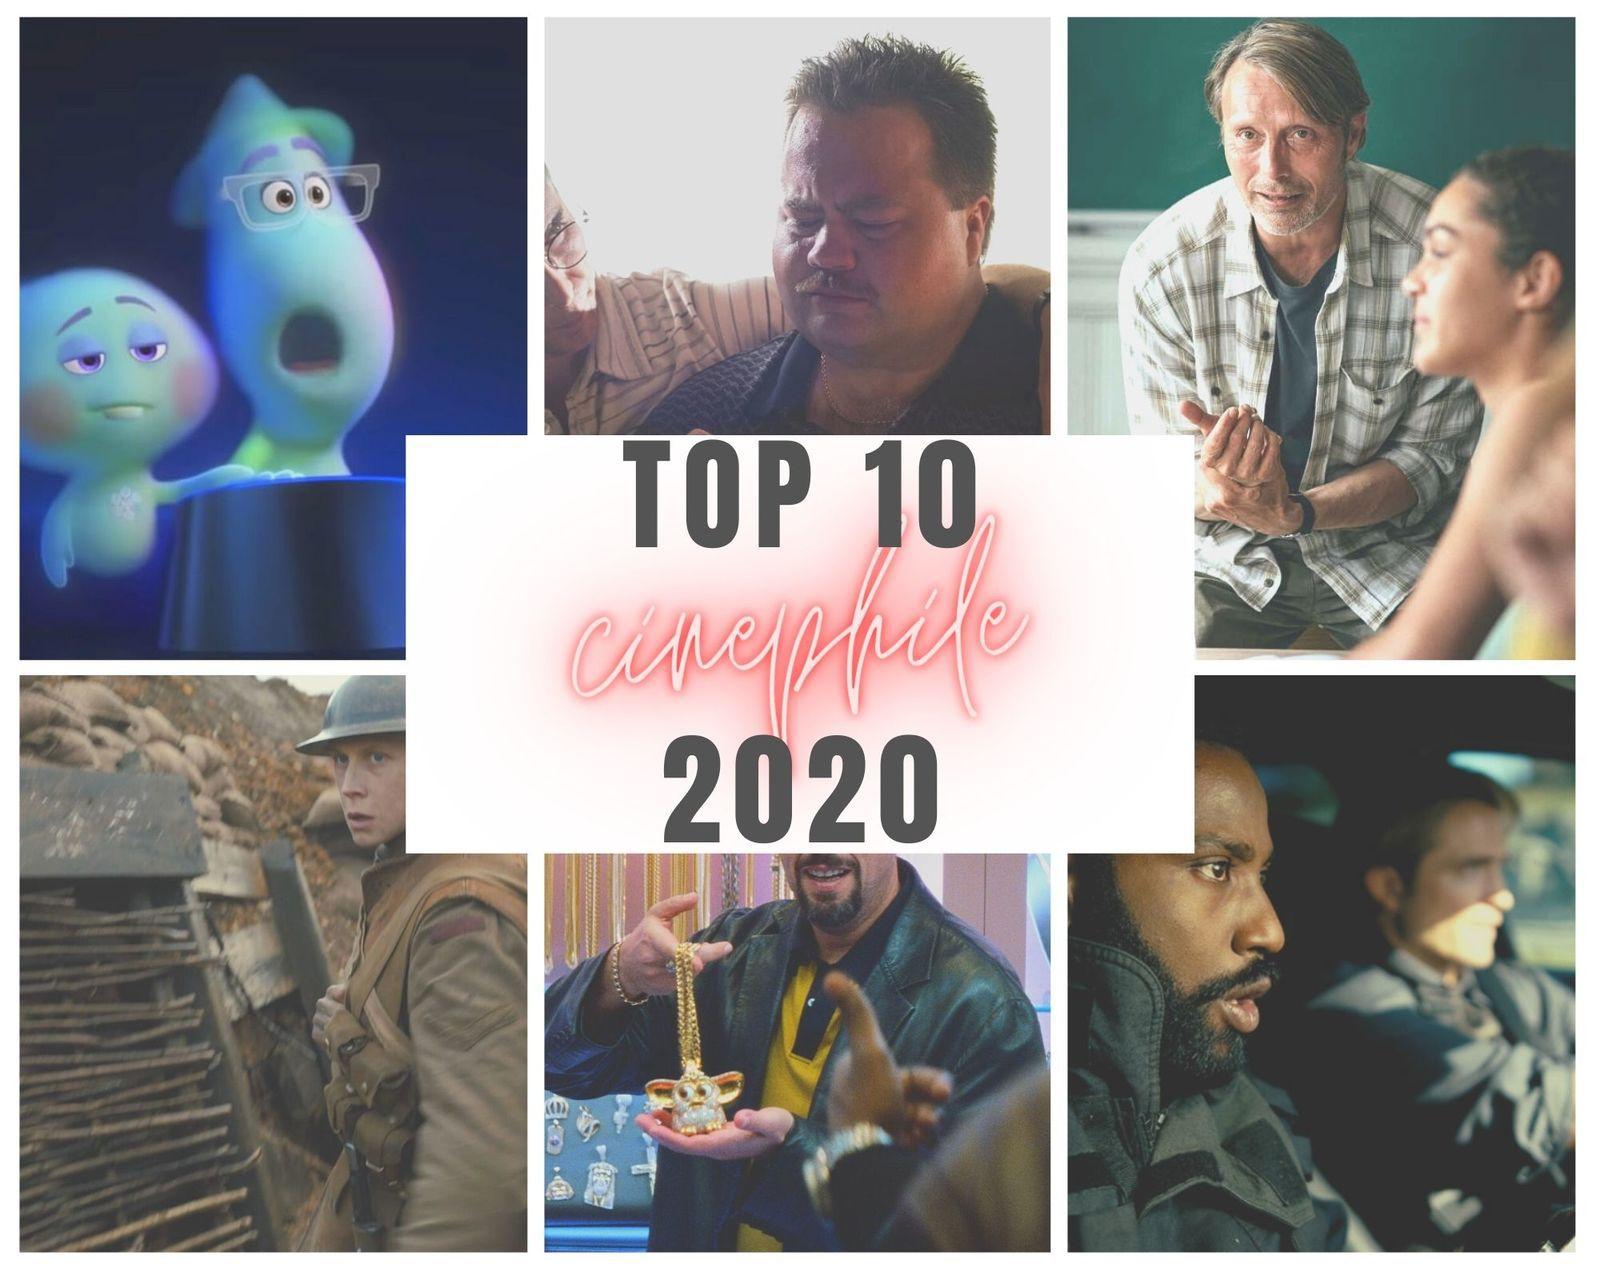 TOP 10 #2020